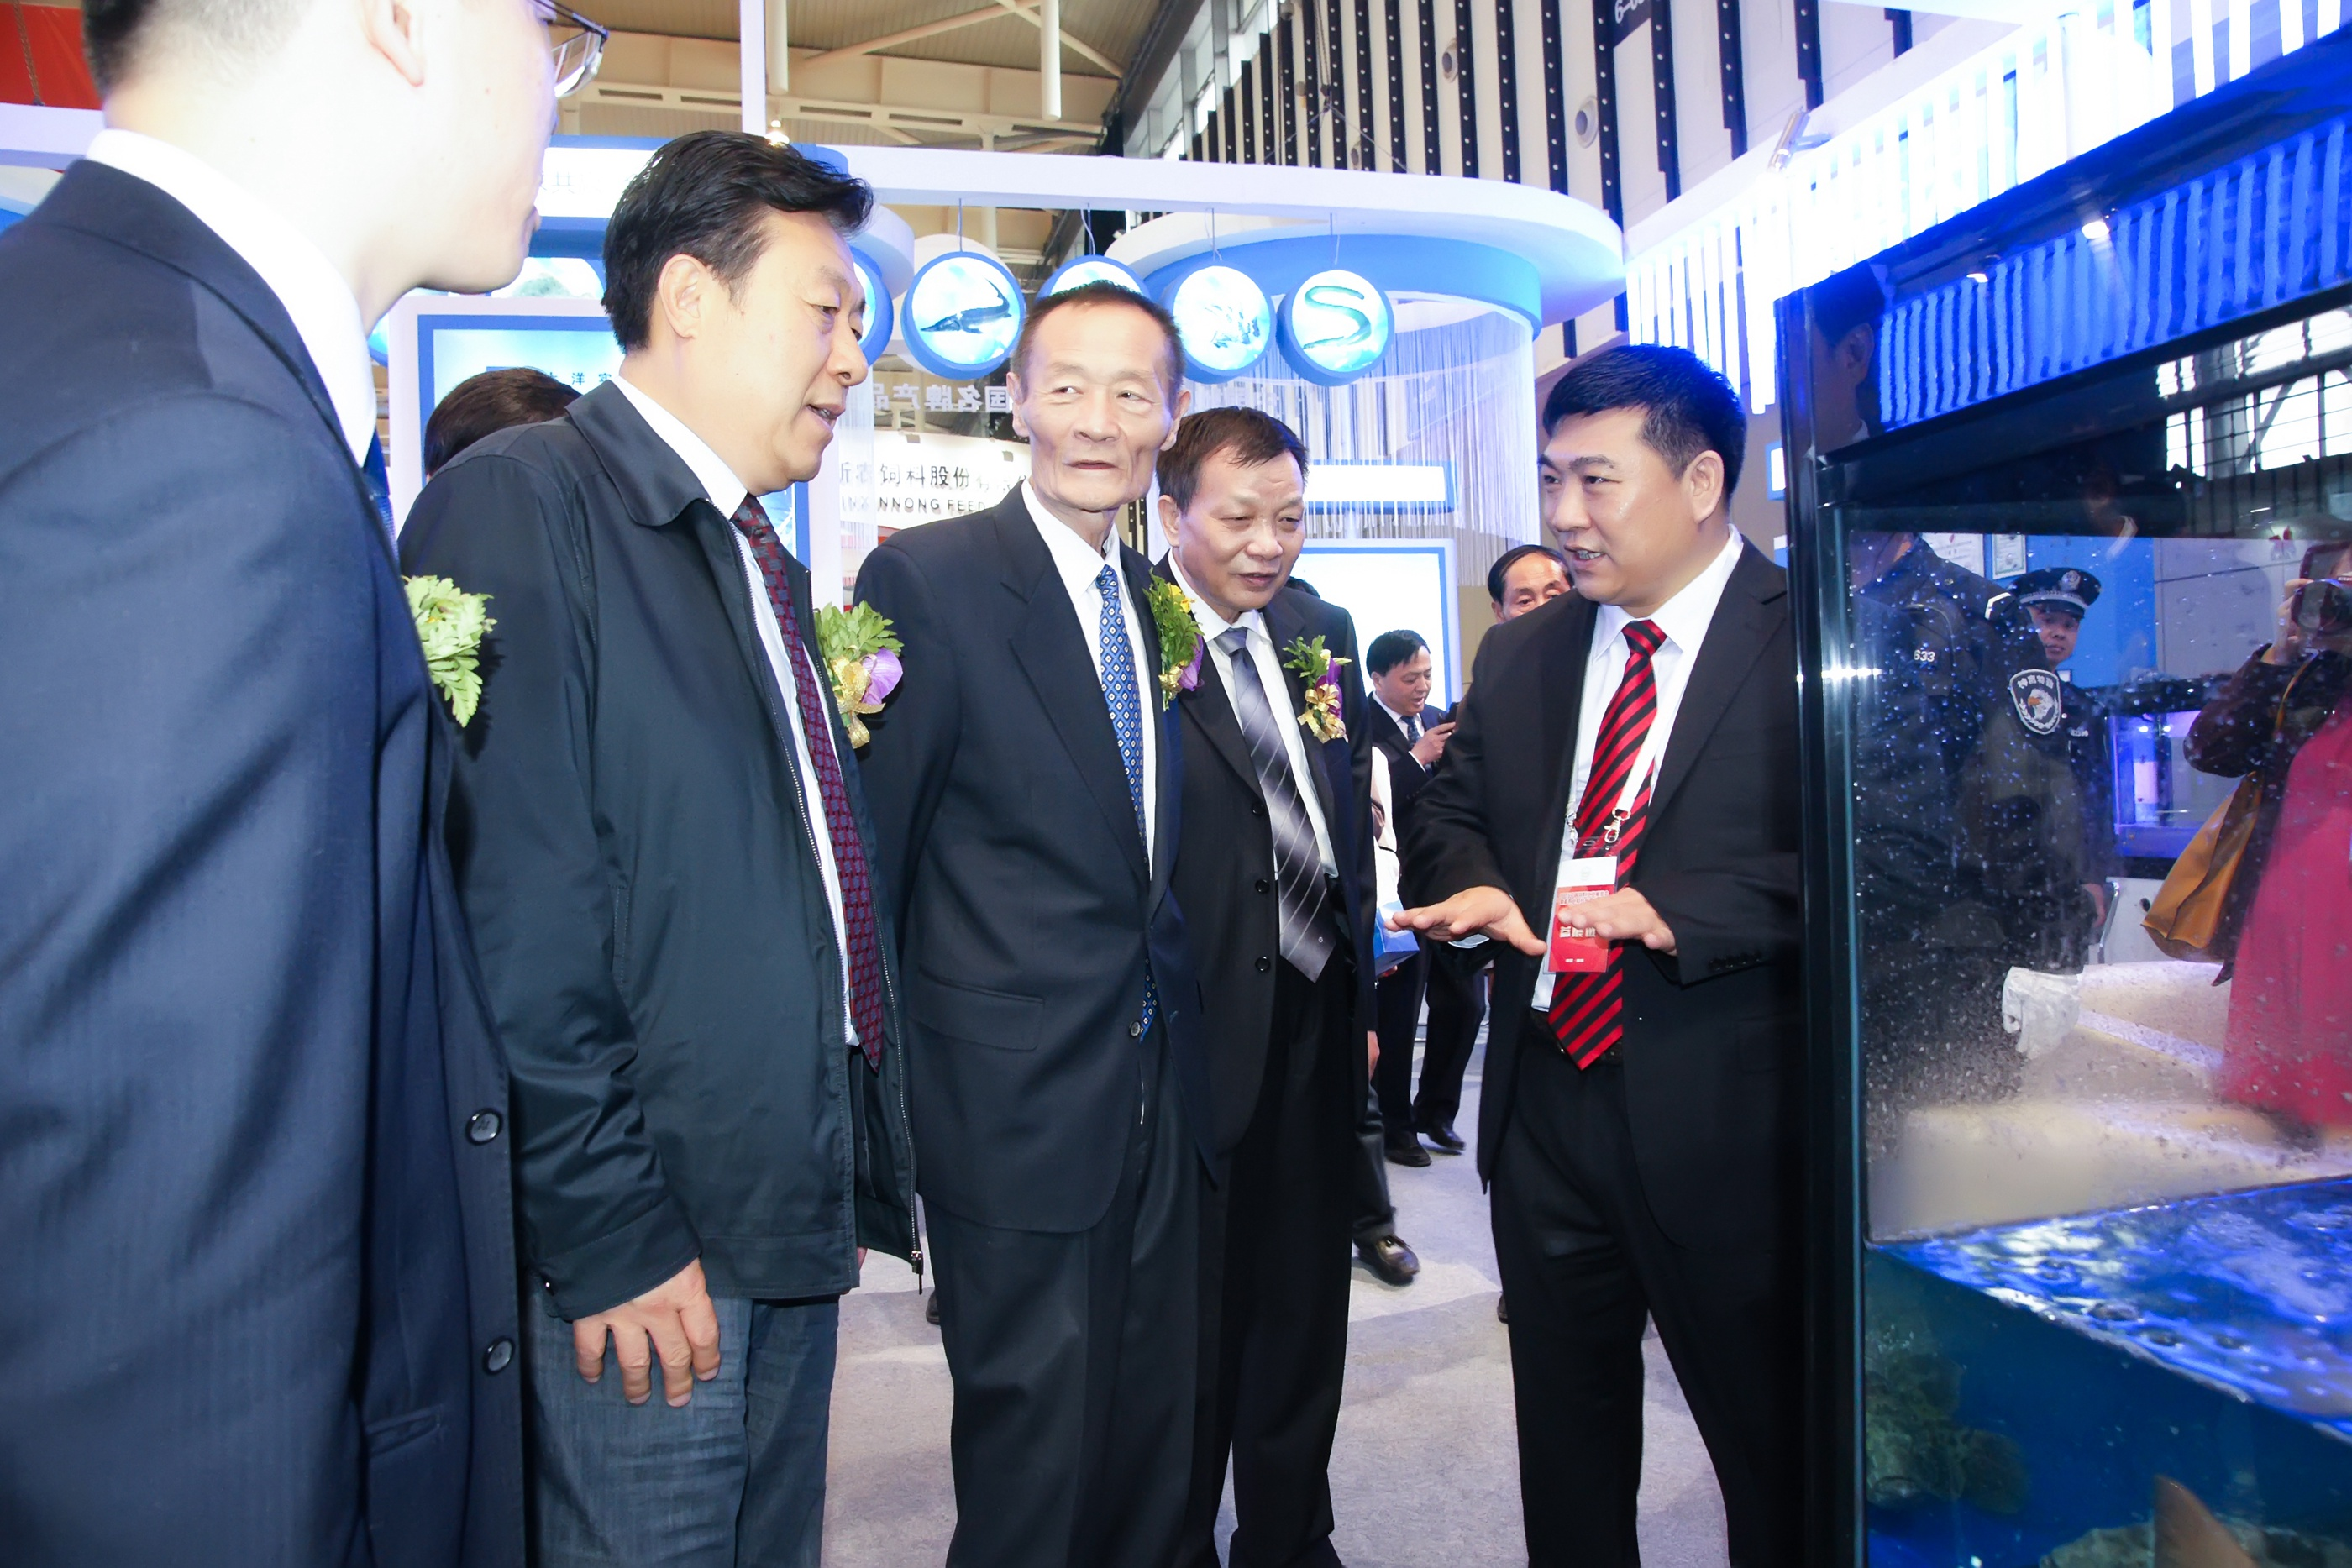 农业部副部长于康震,原副部长、中国饲料协会会长高鸿宾亲临天马科技指导工作